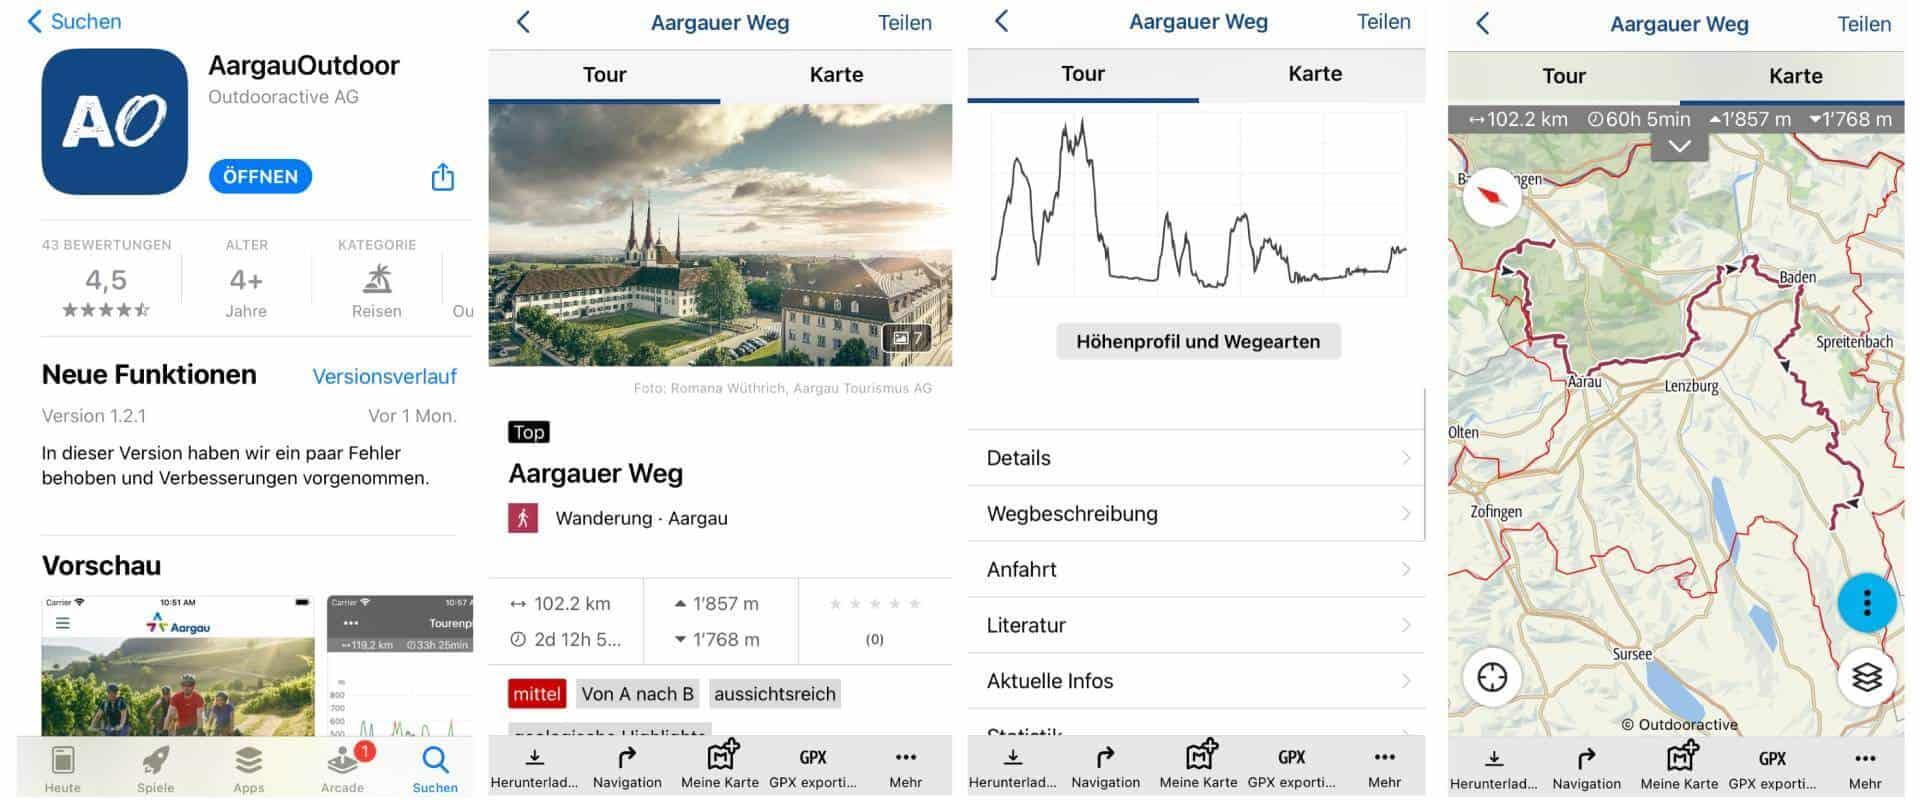 Wander App für den Aargau mit weiteren Aktivitäten